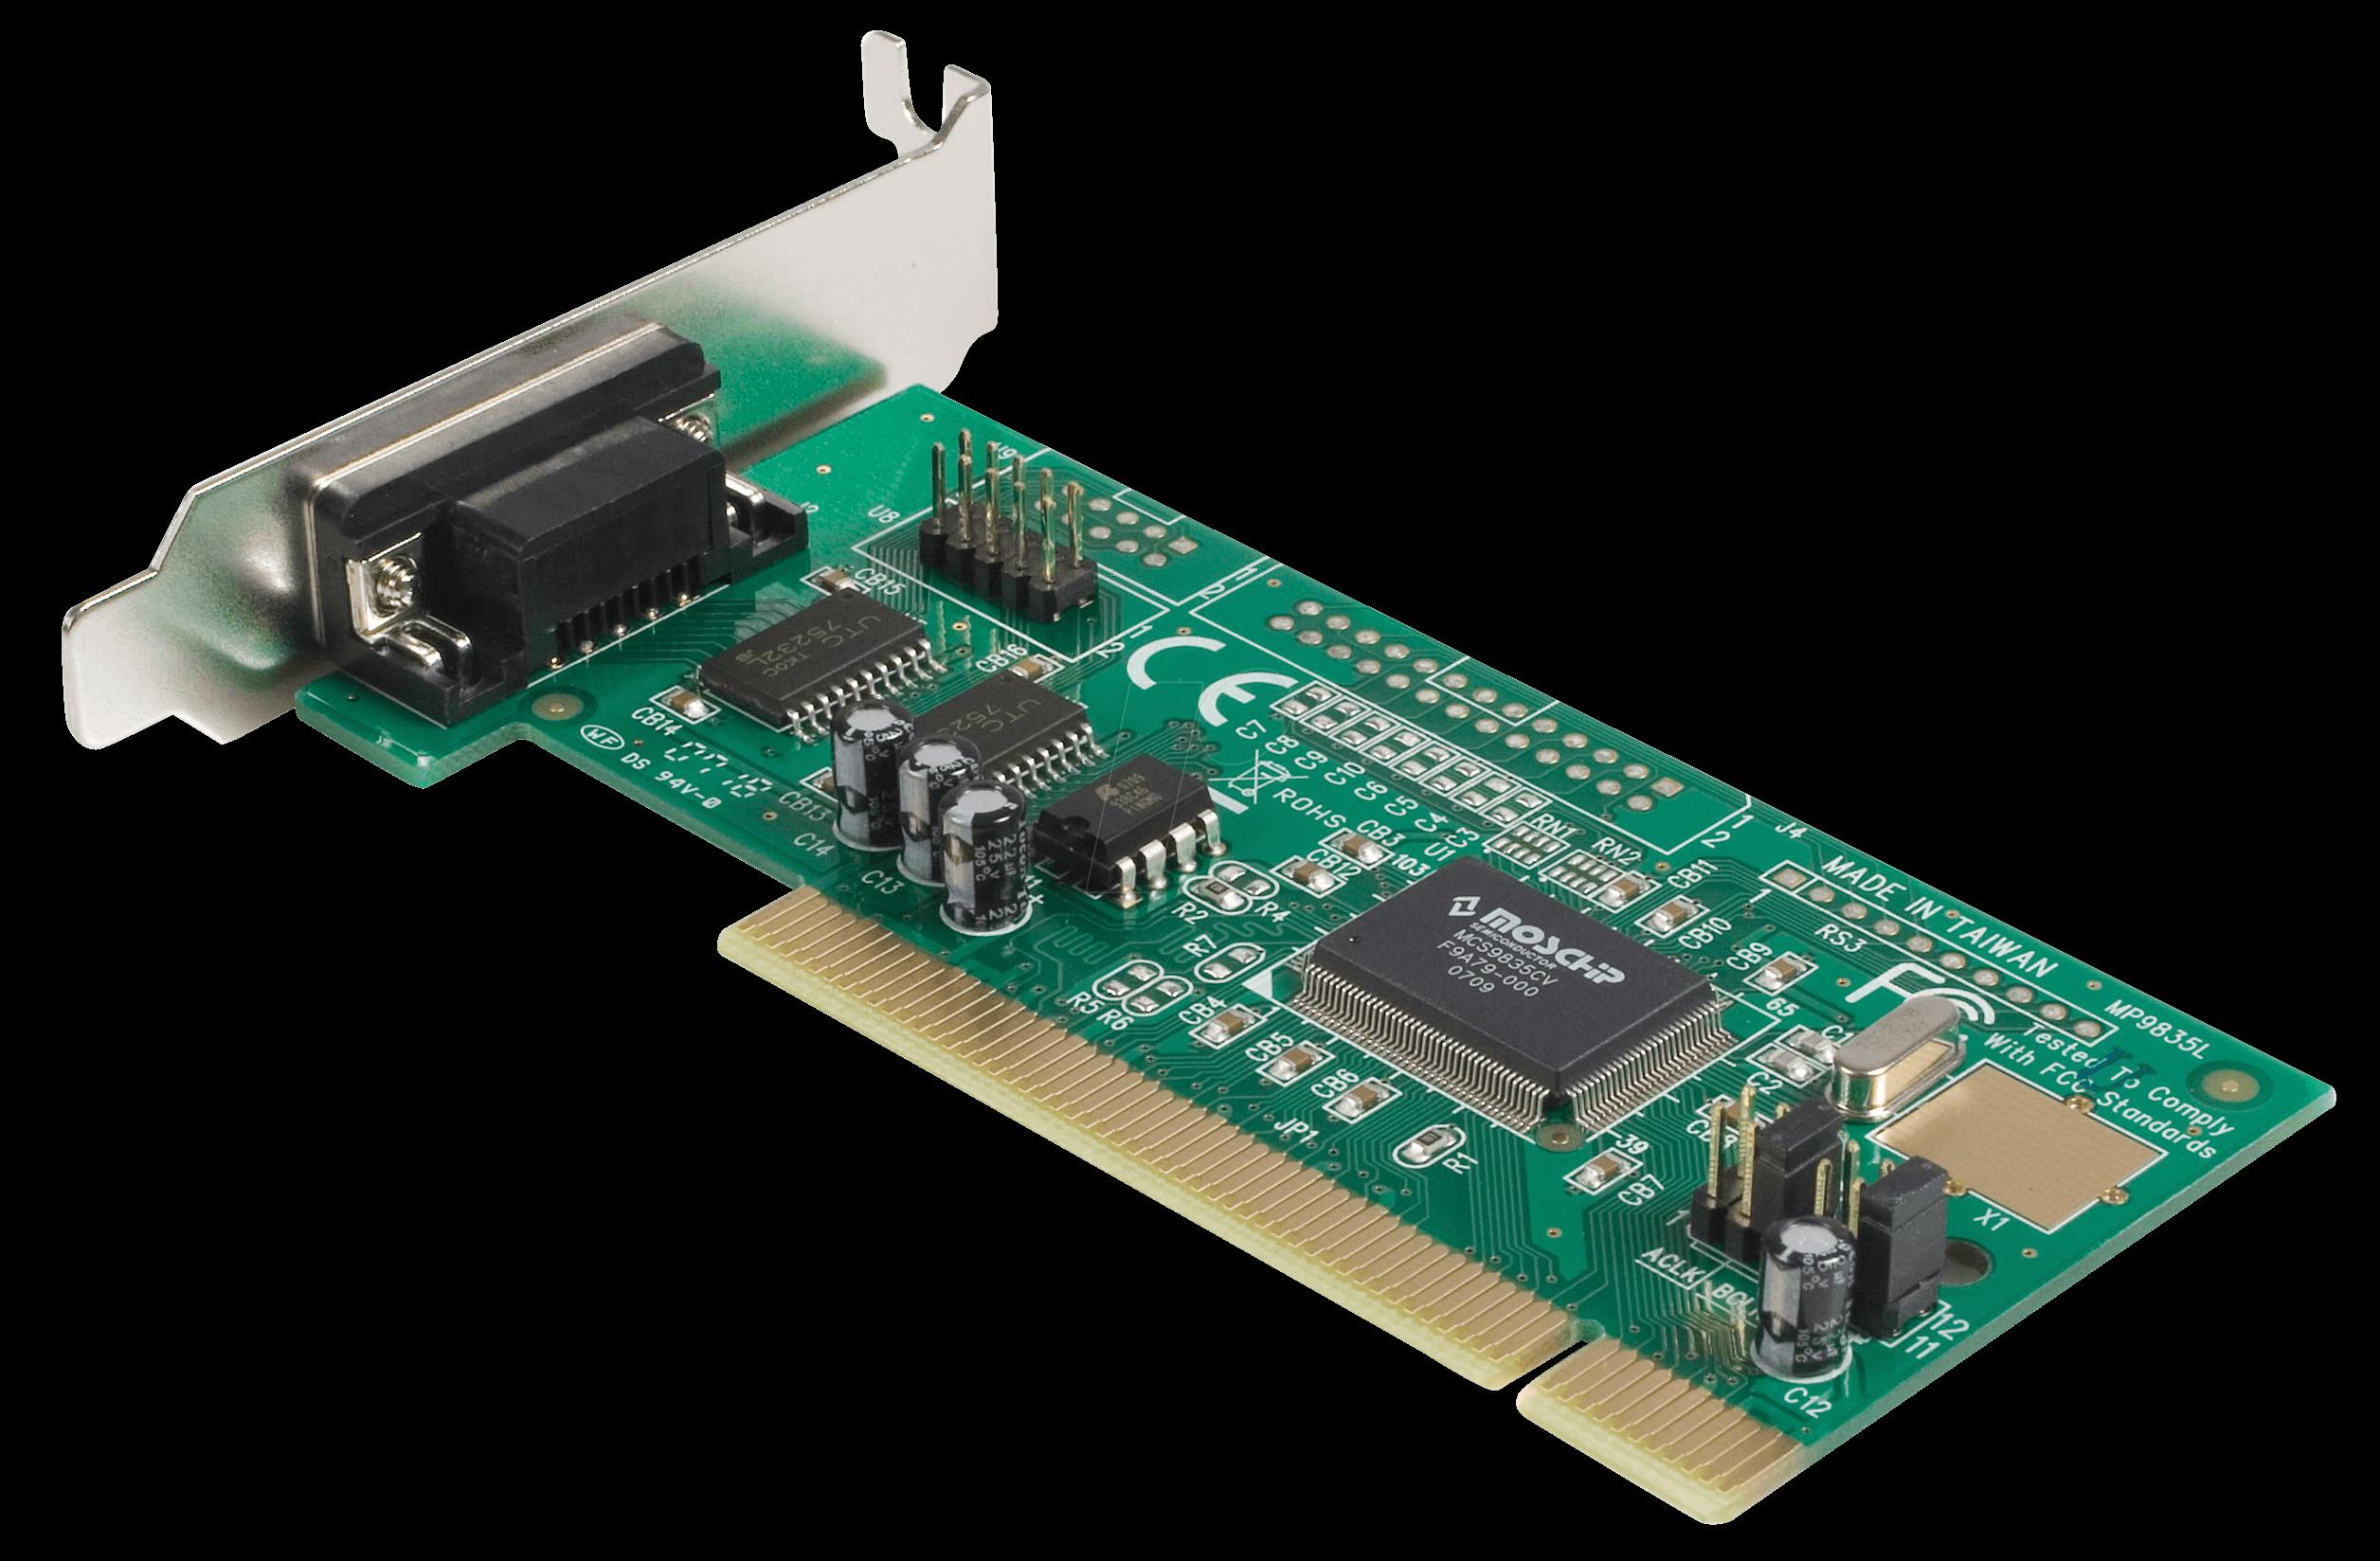 https://cdn-reichelt.de/bilder/web/xxl_ws/E910/PCI2S550_LP_05.png